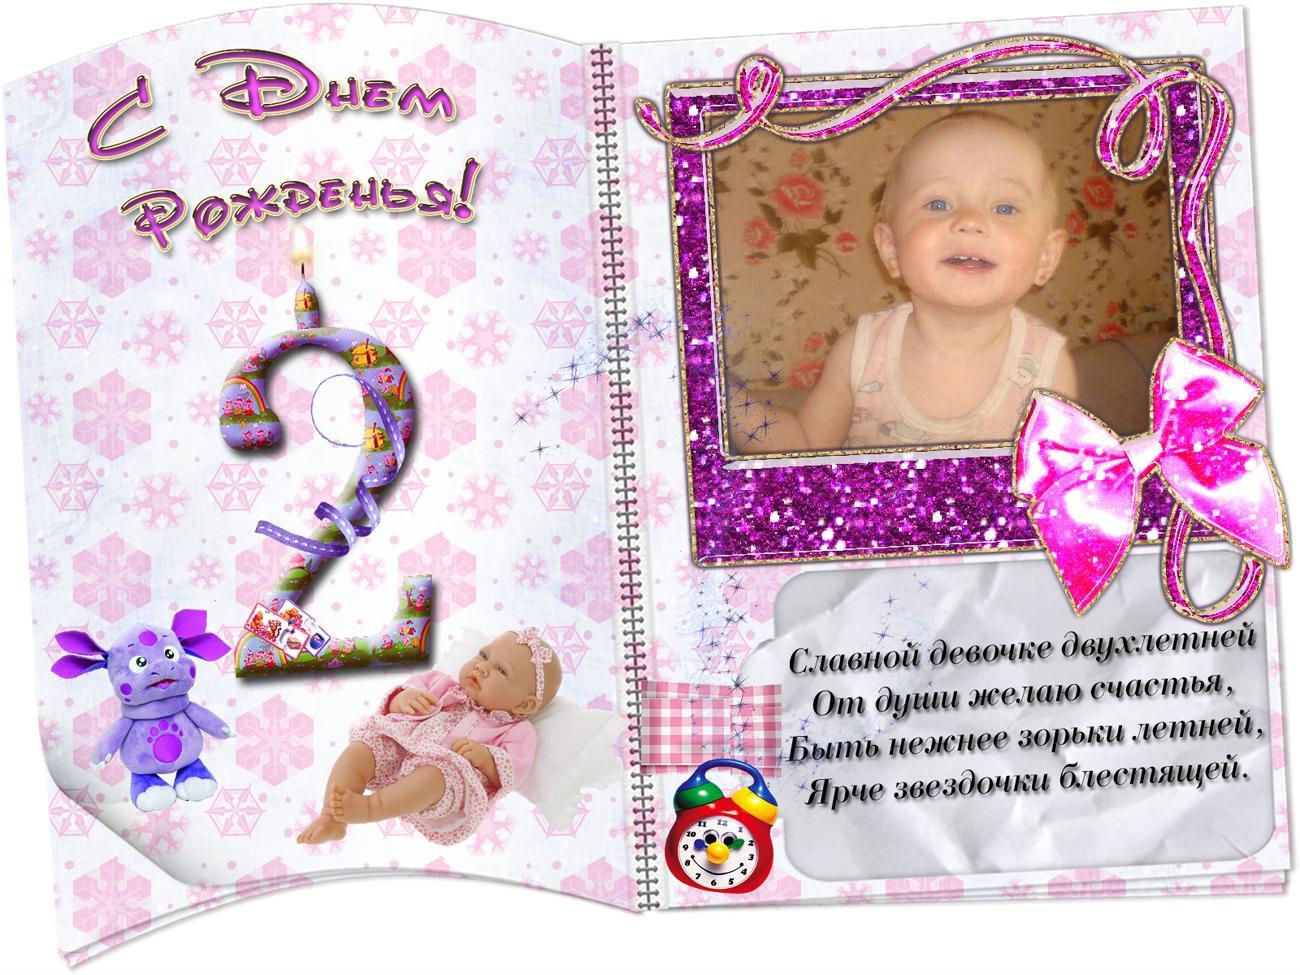 Поздравление родителям с днем рождения дочери 2 годика для мамы